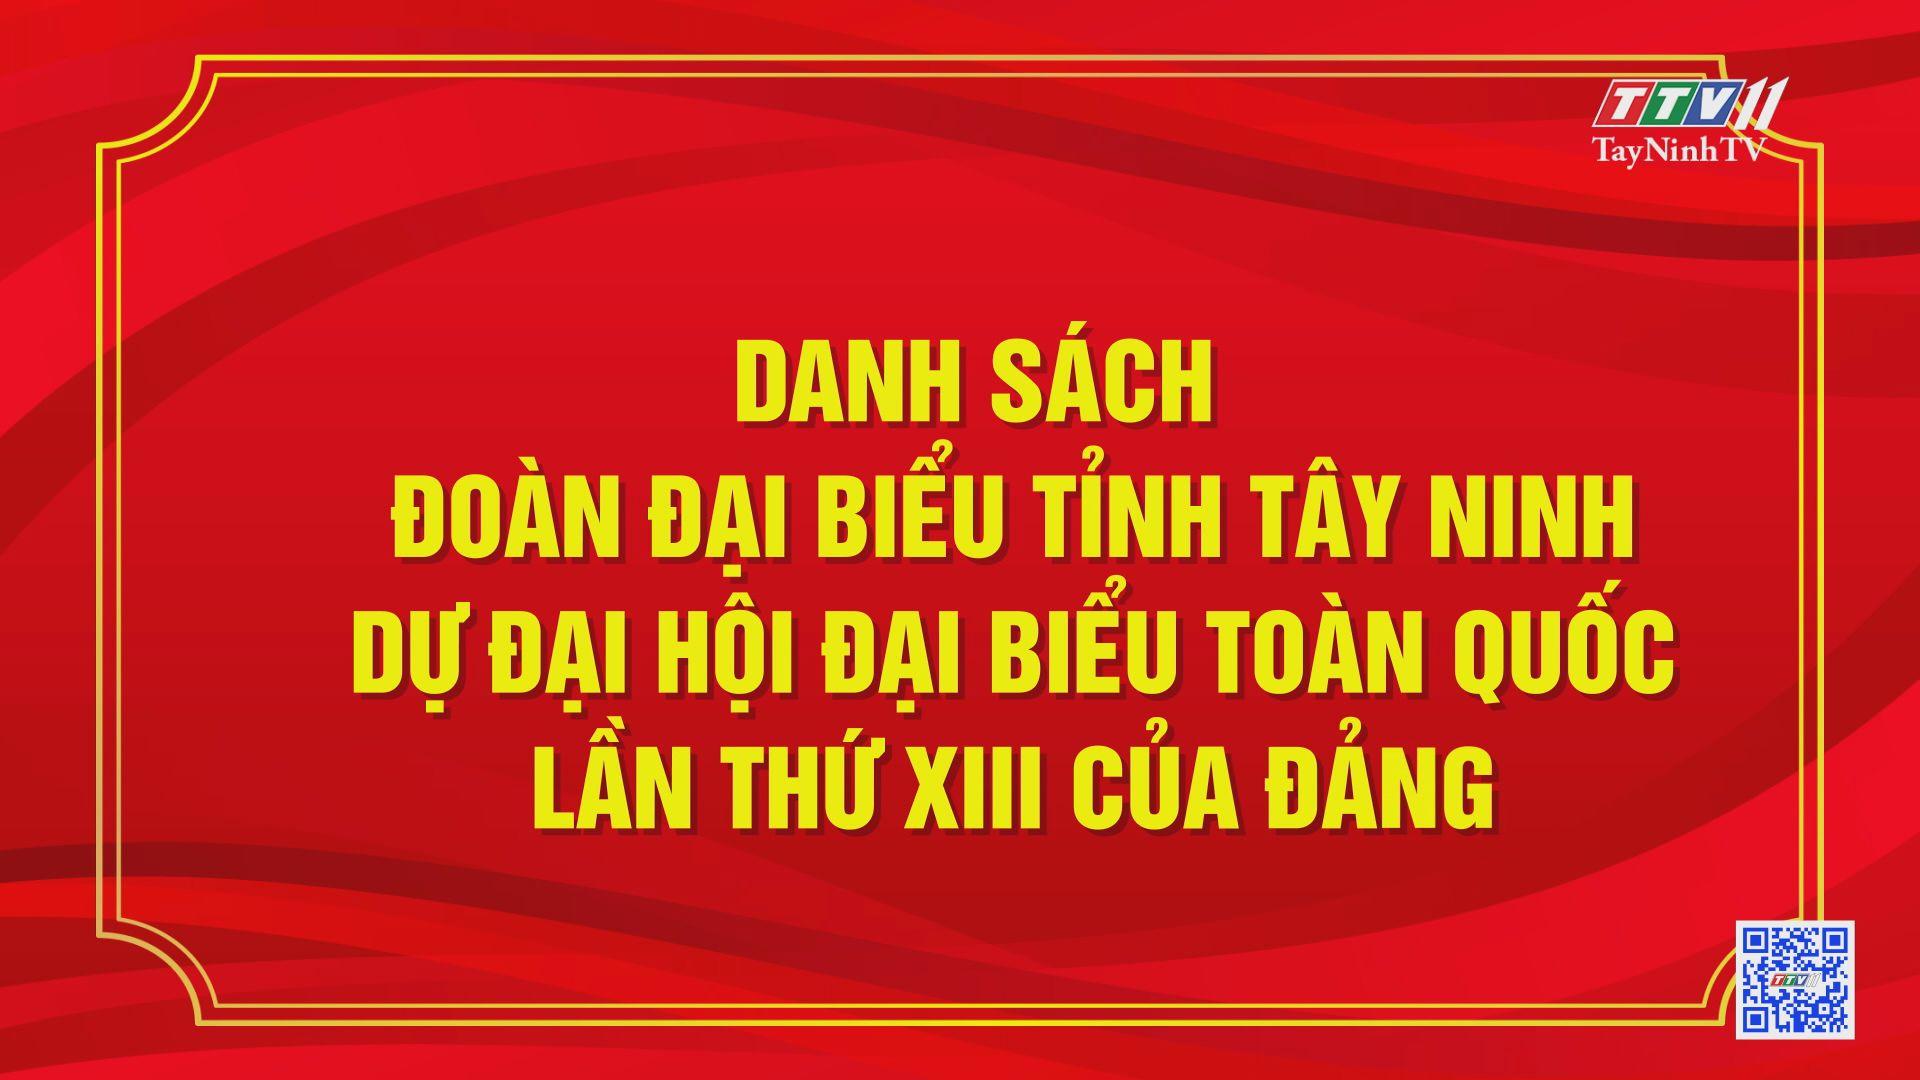 Danh sách Đoàn đại biểu tỉnh Tây Ninh dự Đại hội Đại biểu toàn quốc lần thứ XIII của Đảng | TayNinhTV